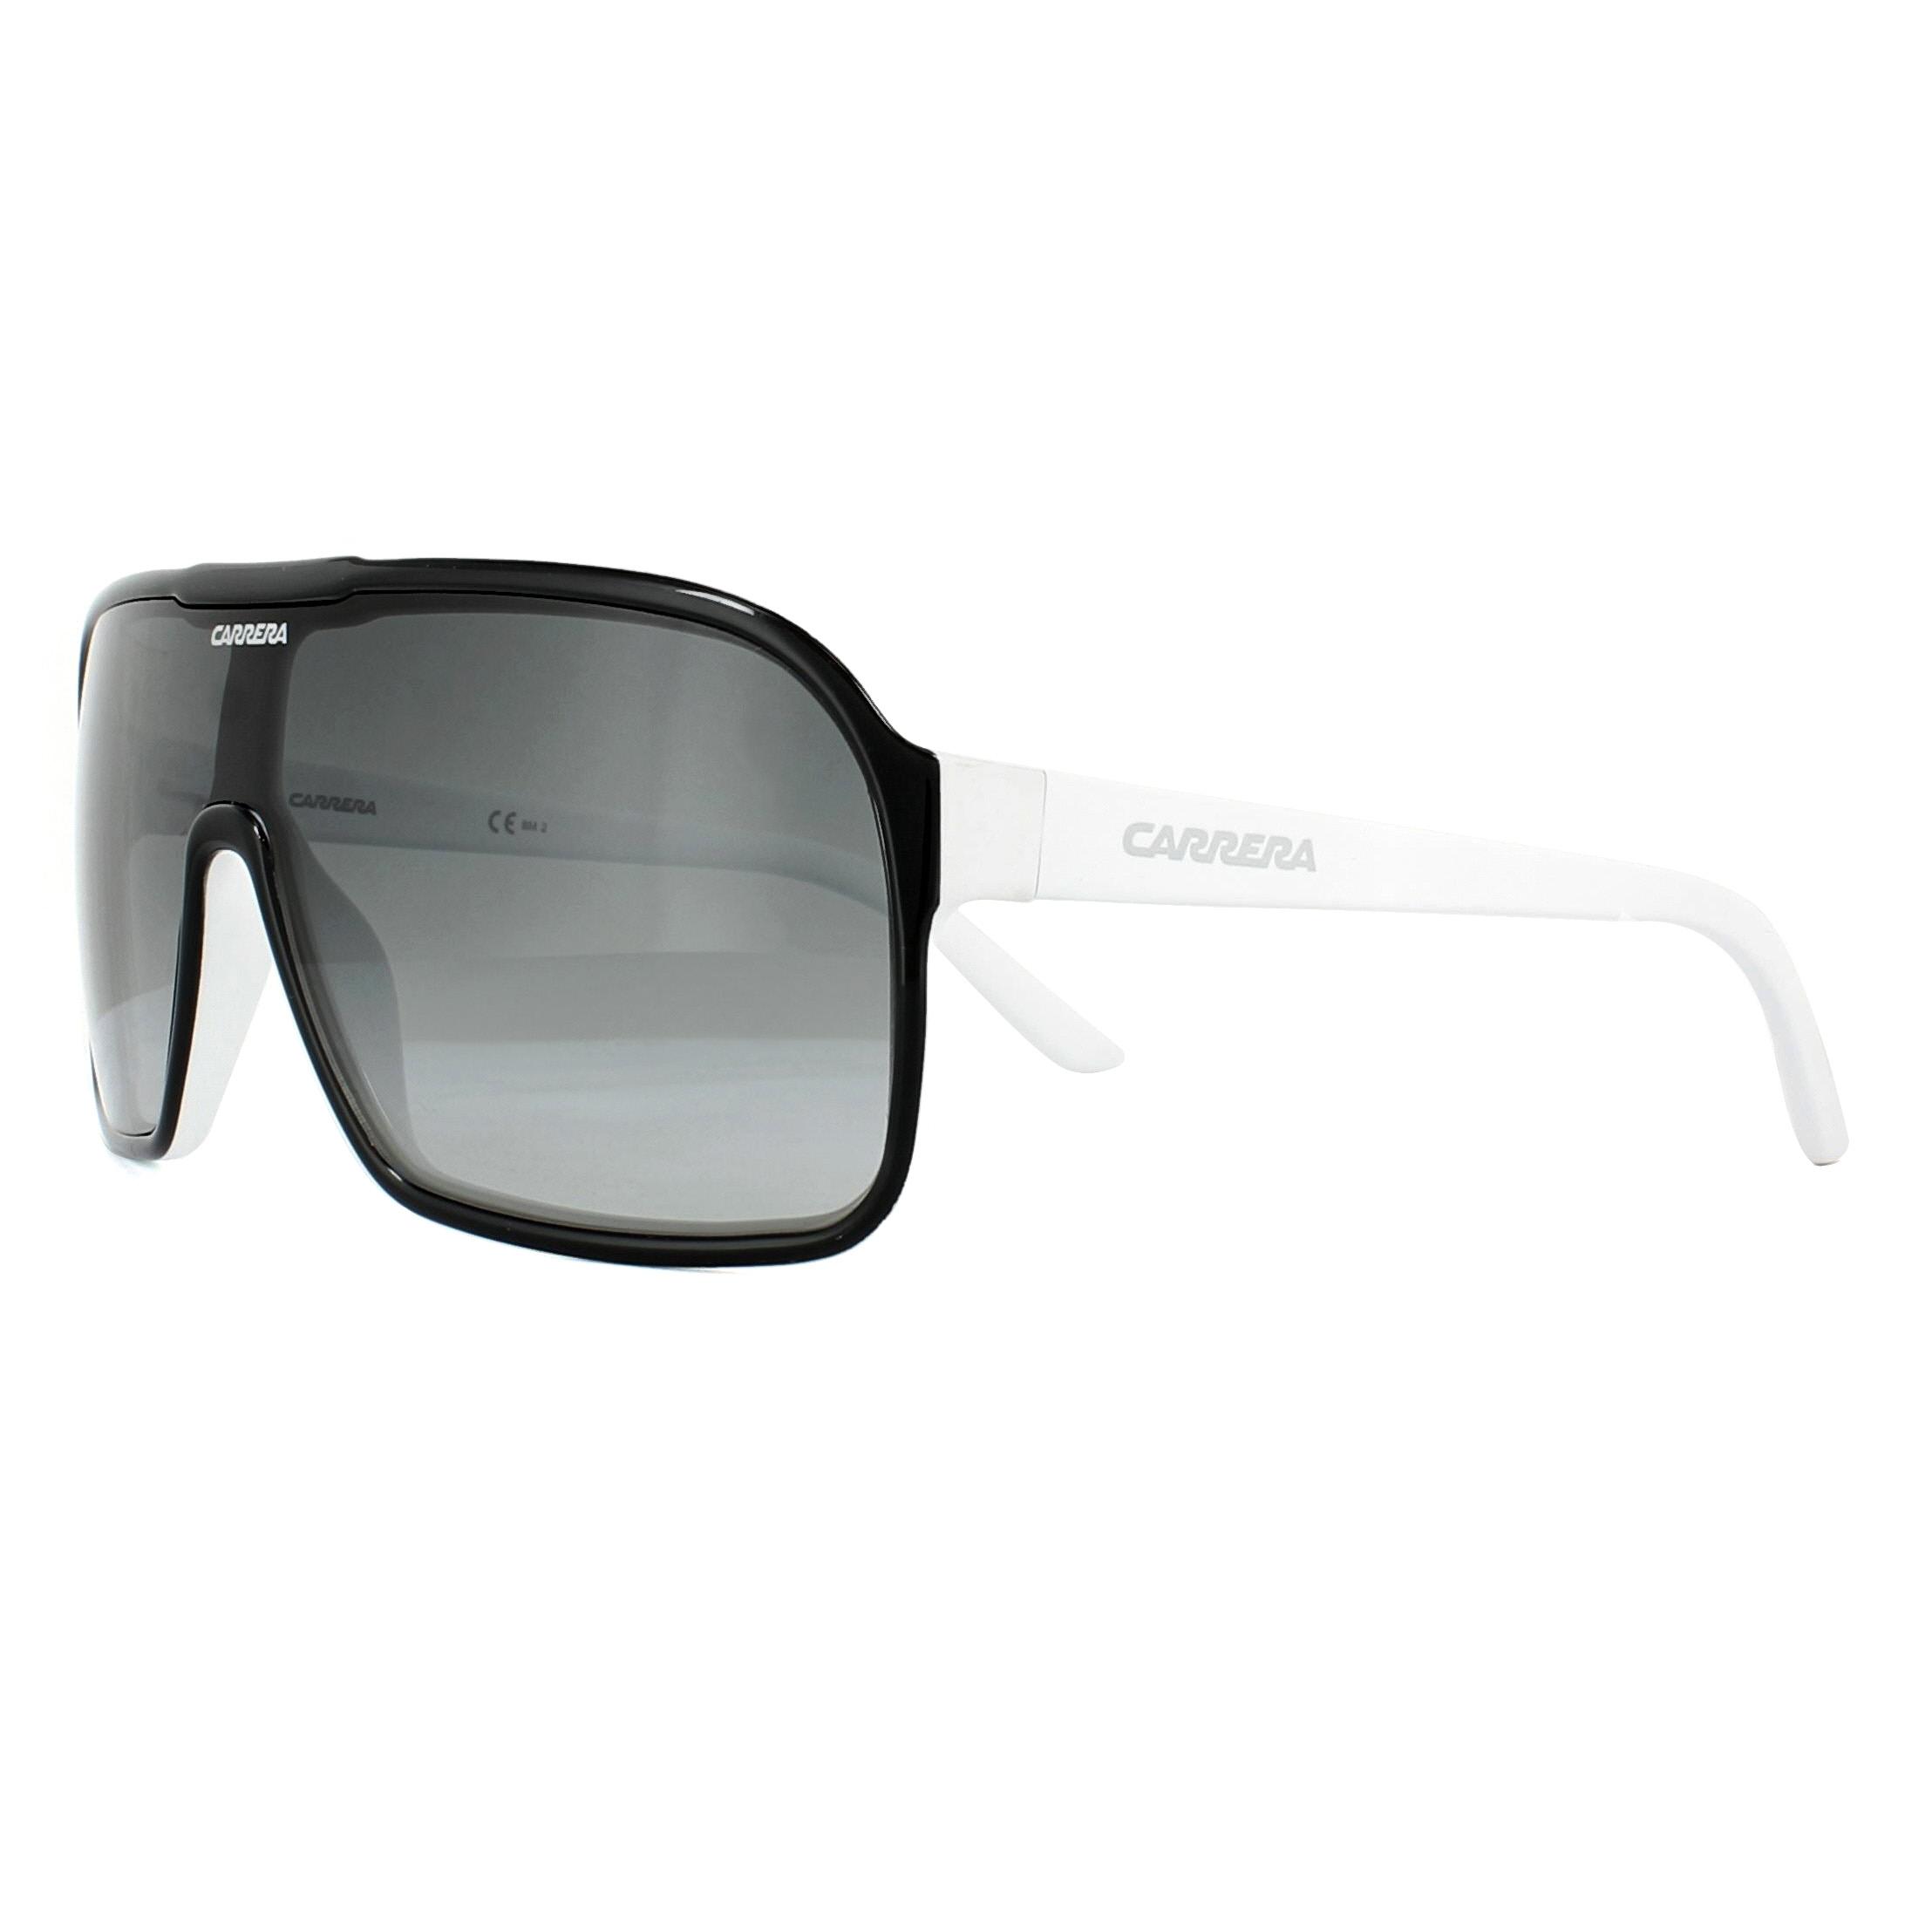 ebdc16de717 Cheap Carrera 5530 S Sunglasses - Discounted Sunglasses